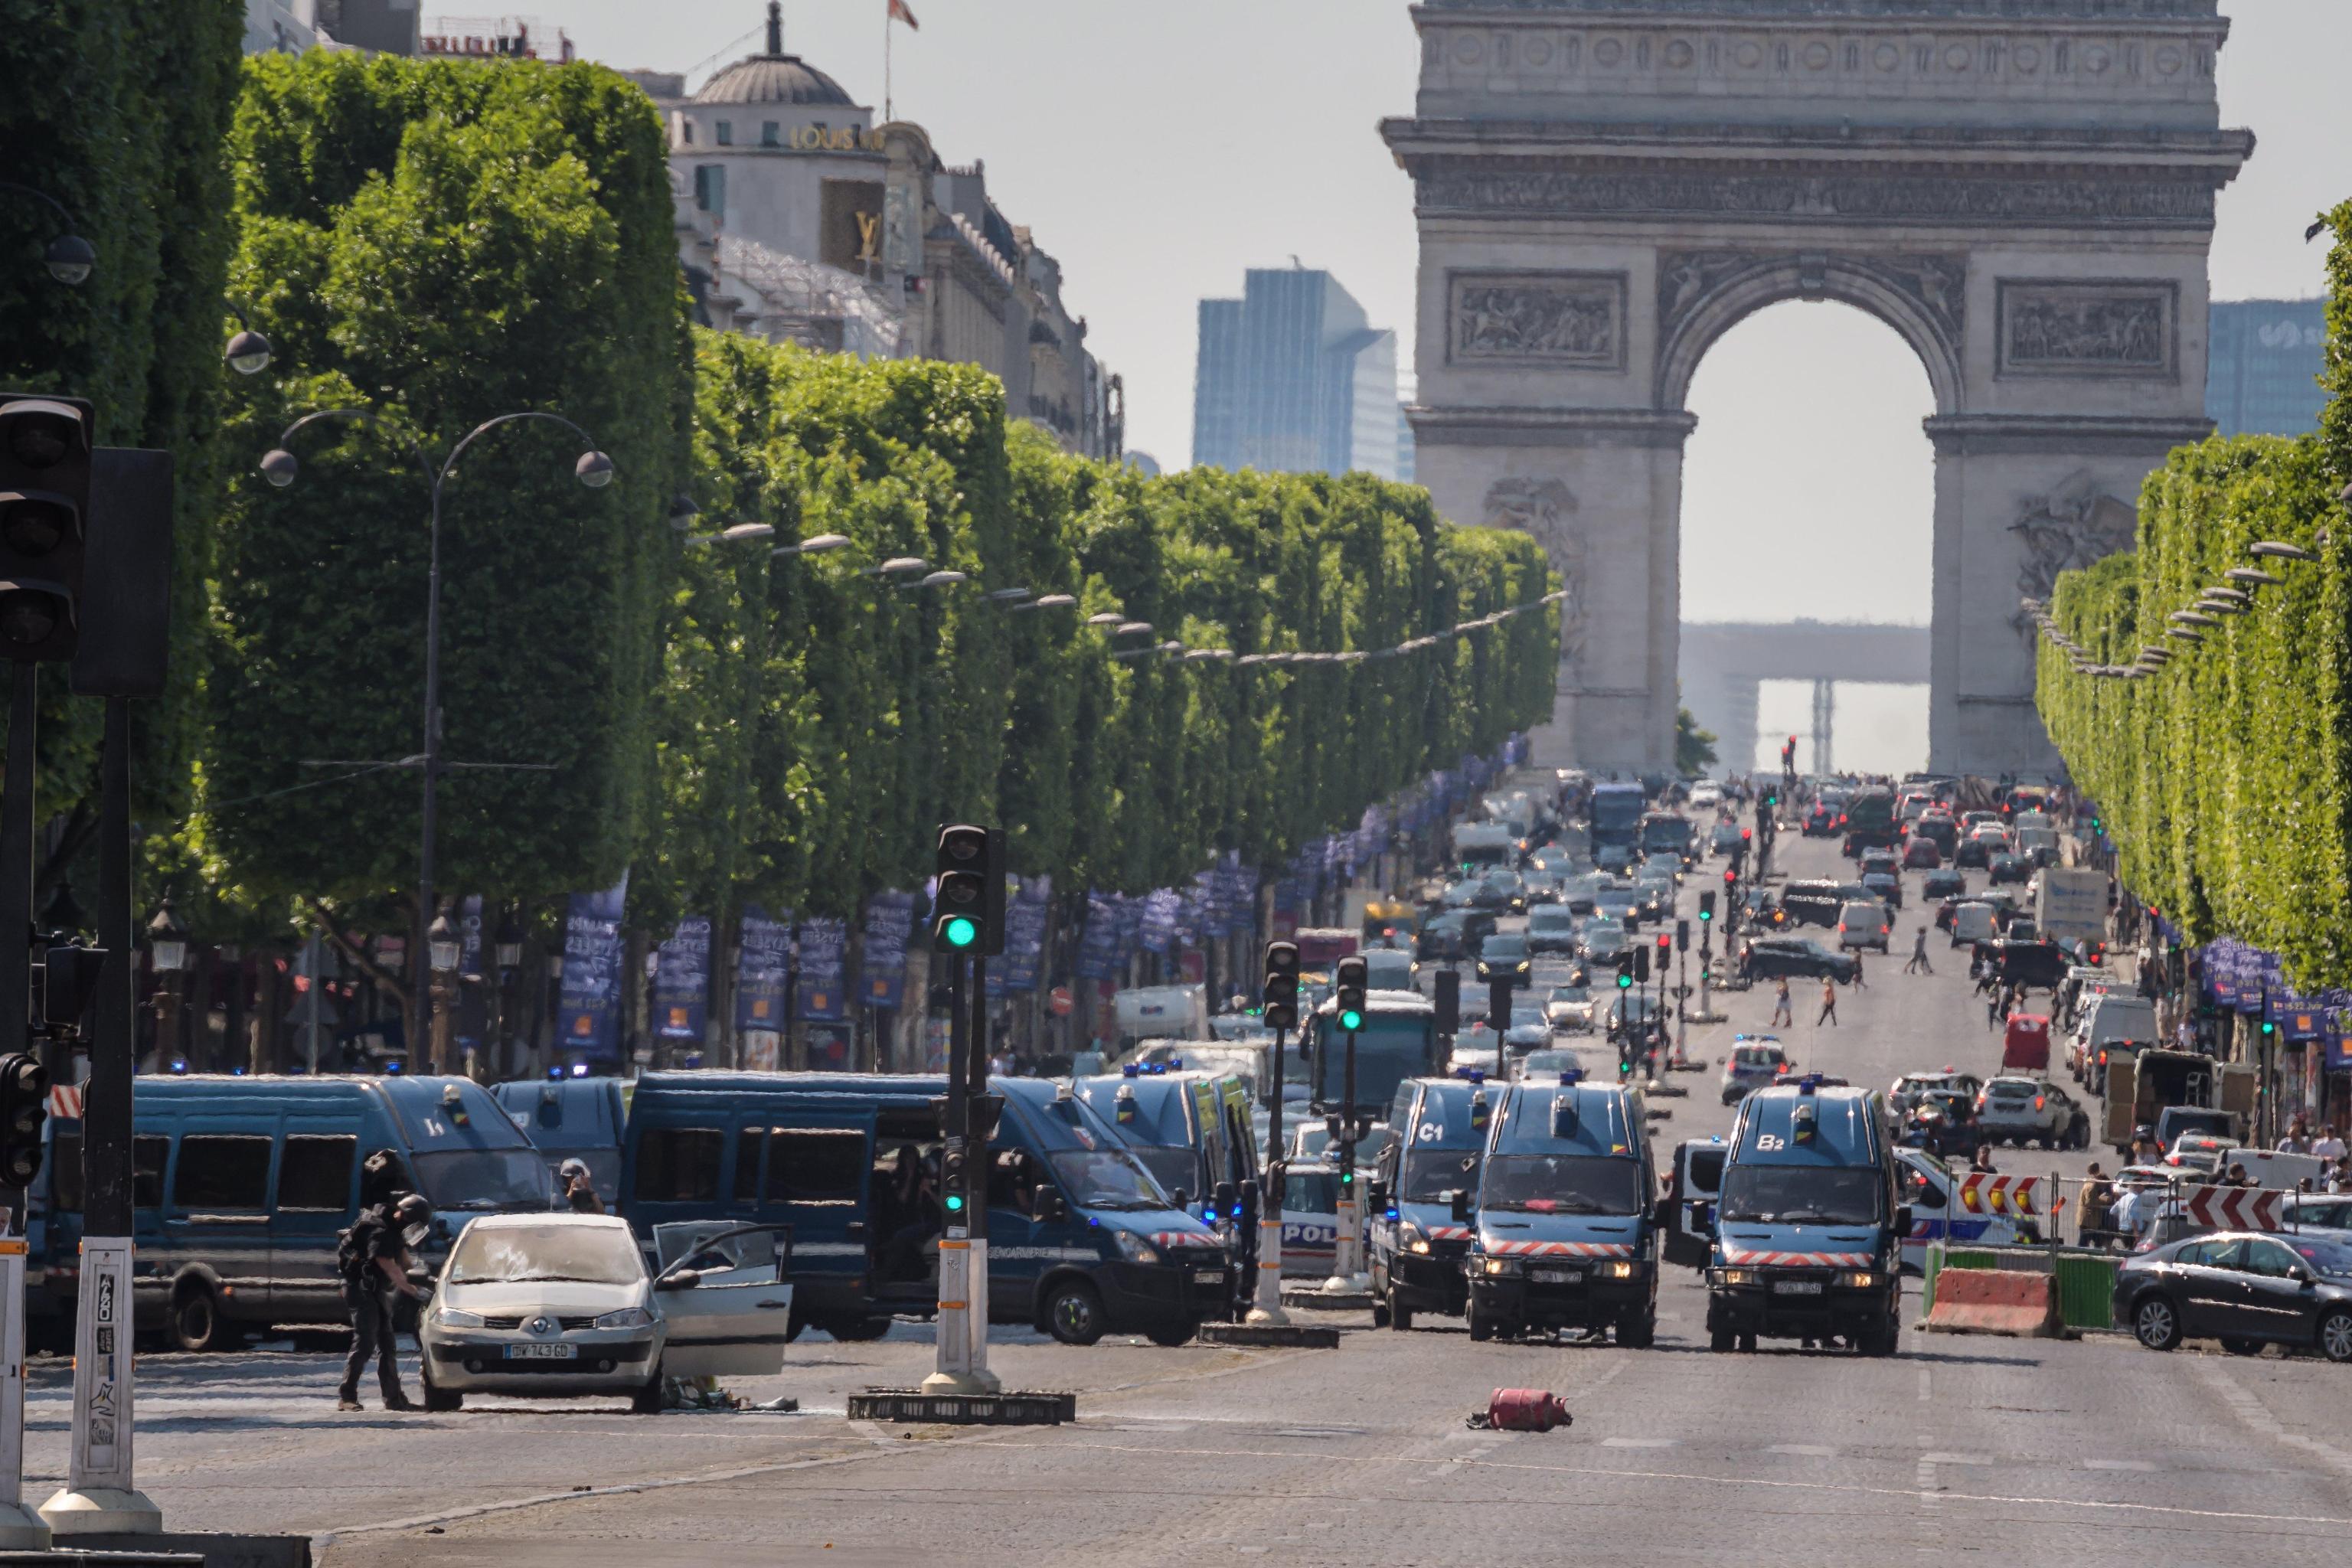 Attentato Parigi, auto contro camionetta della Polizia sugli Champs-Elysées: per le autorità è un attacco kamikaze